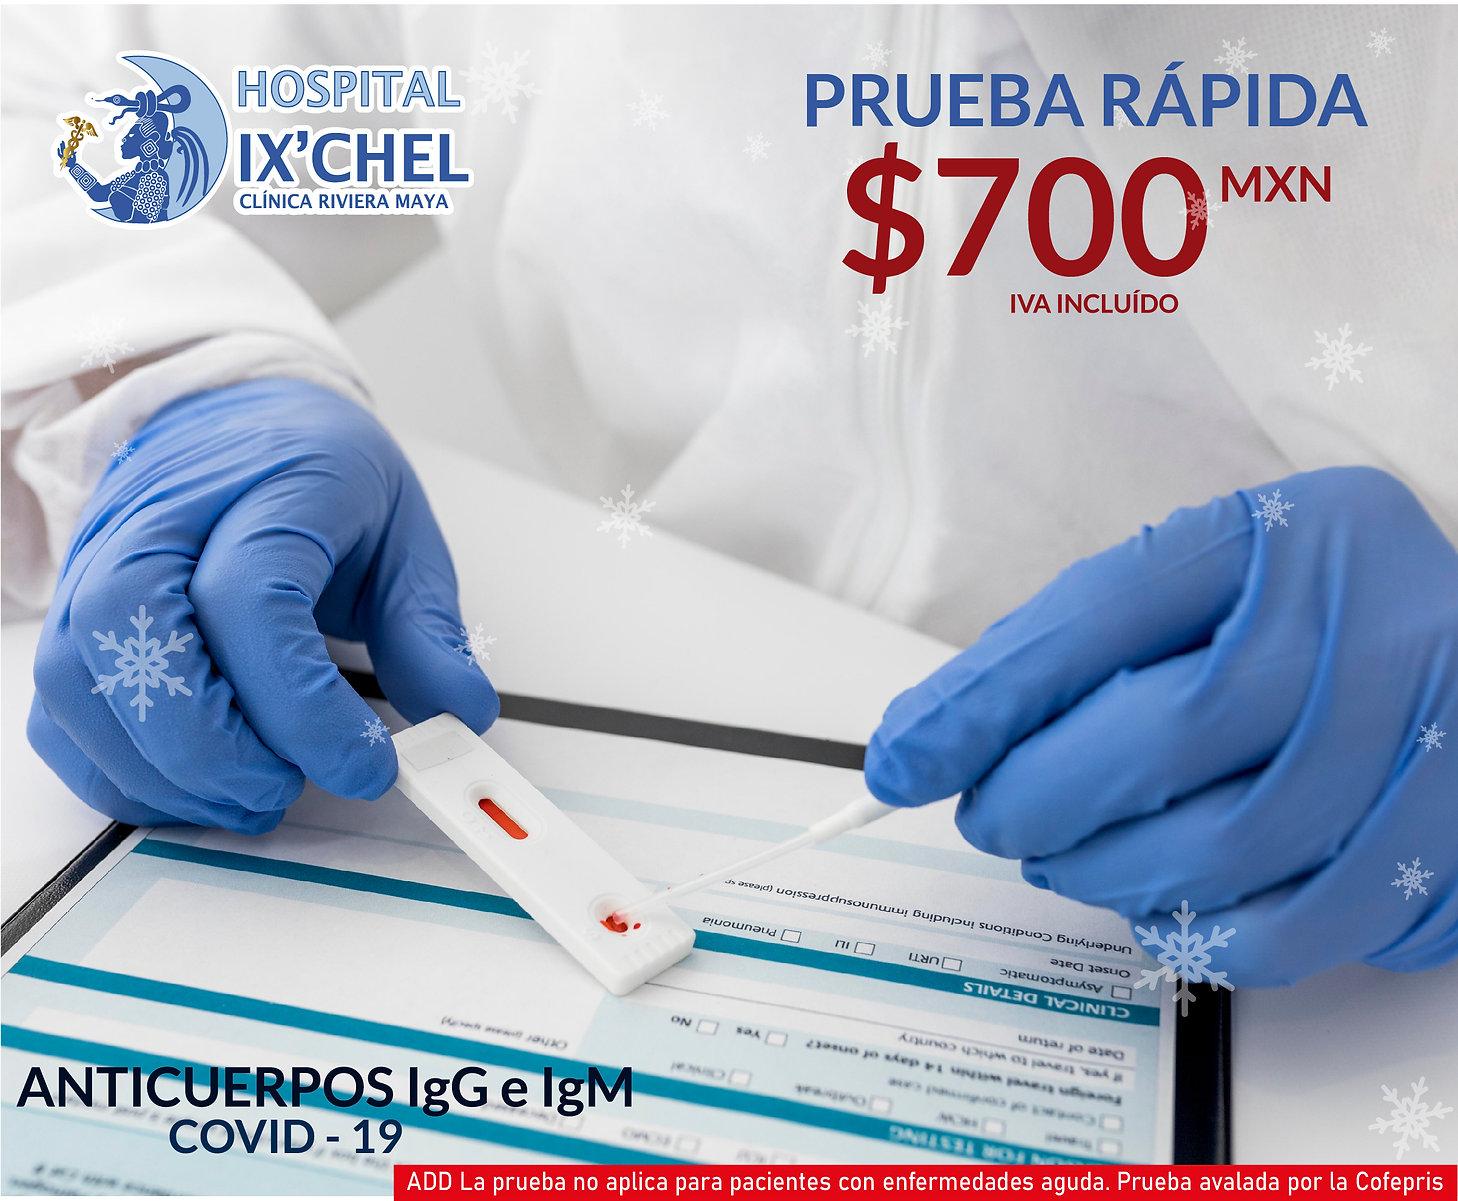 PRUEBA RAPIDA DIC-01.jpg